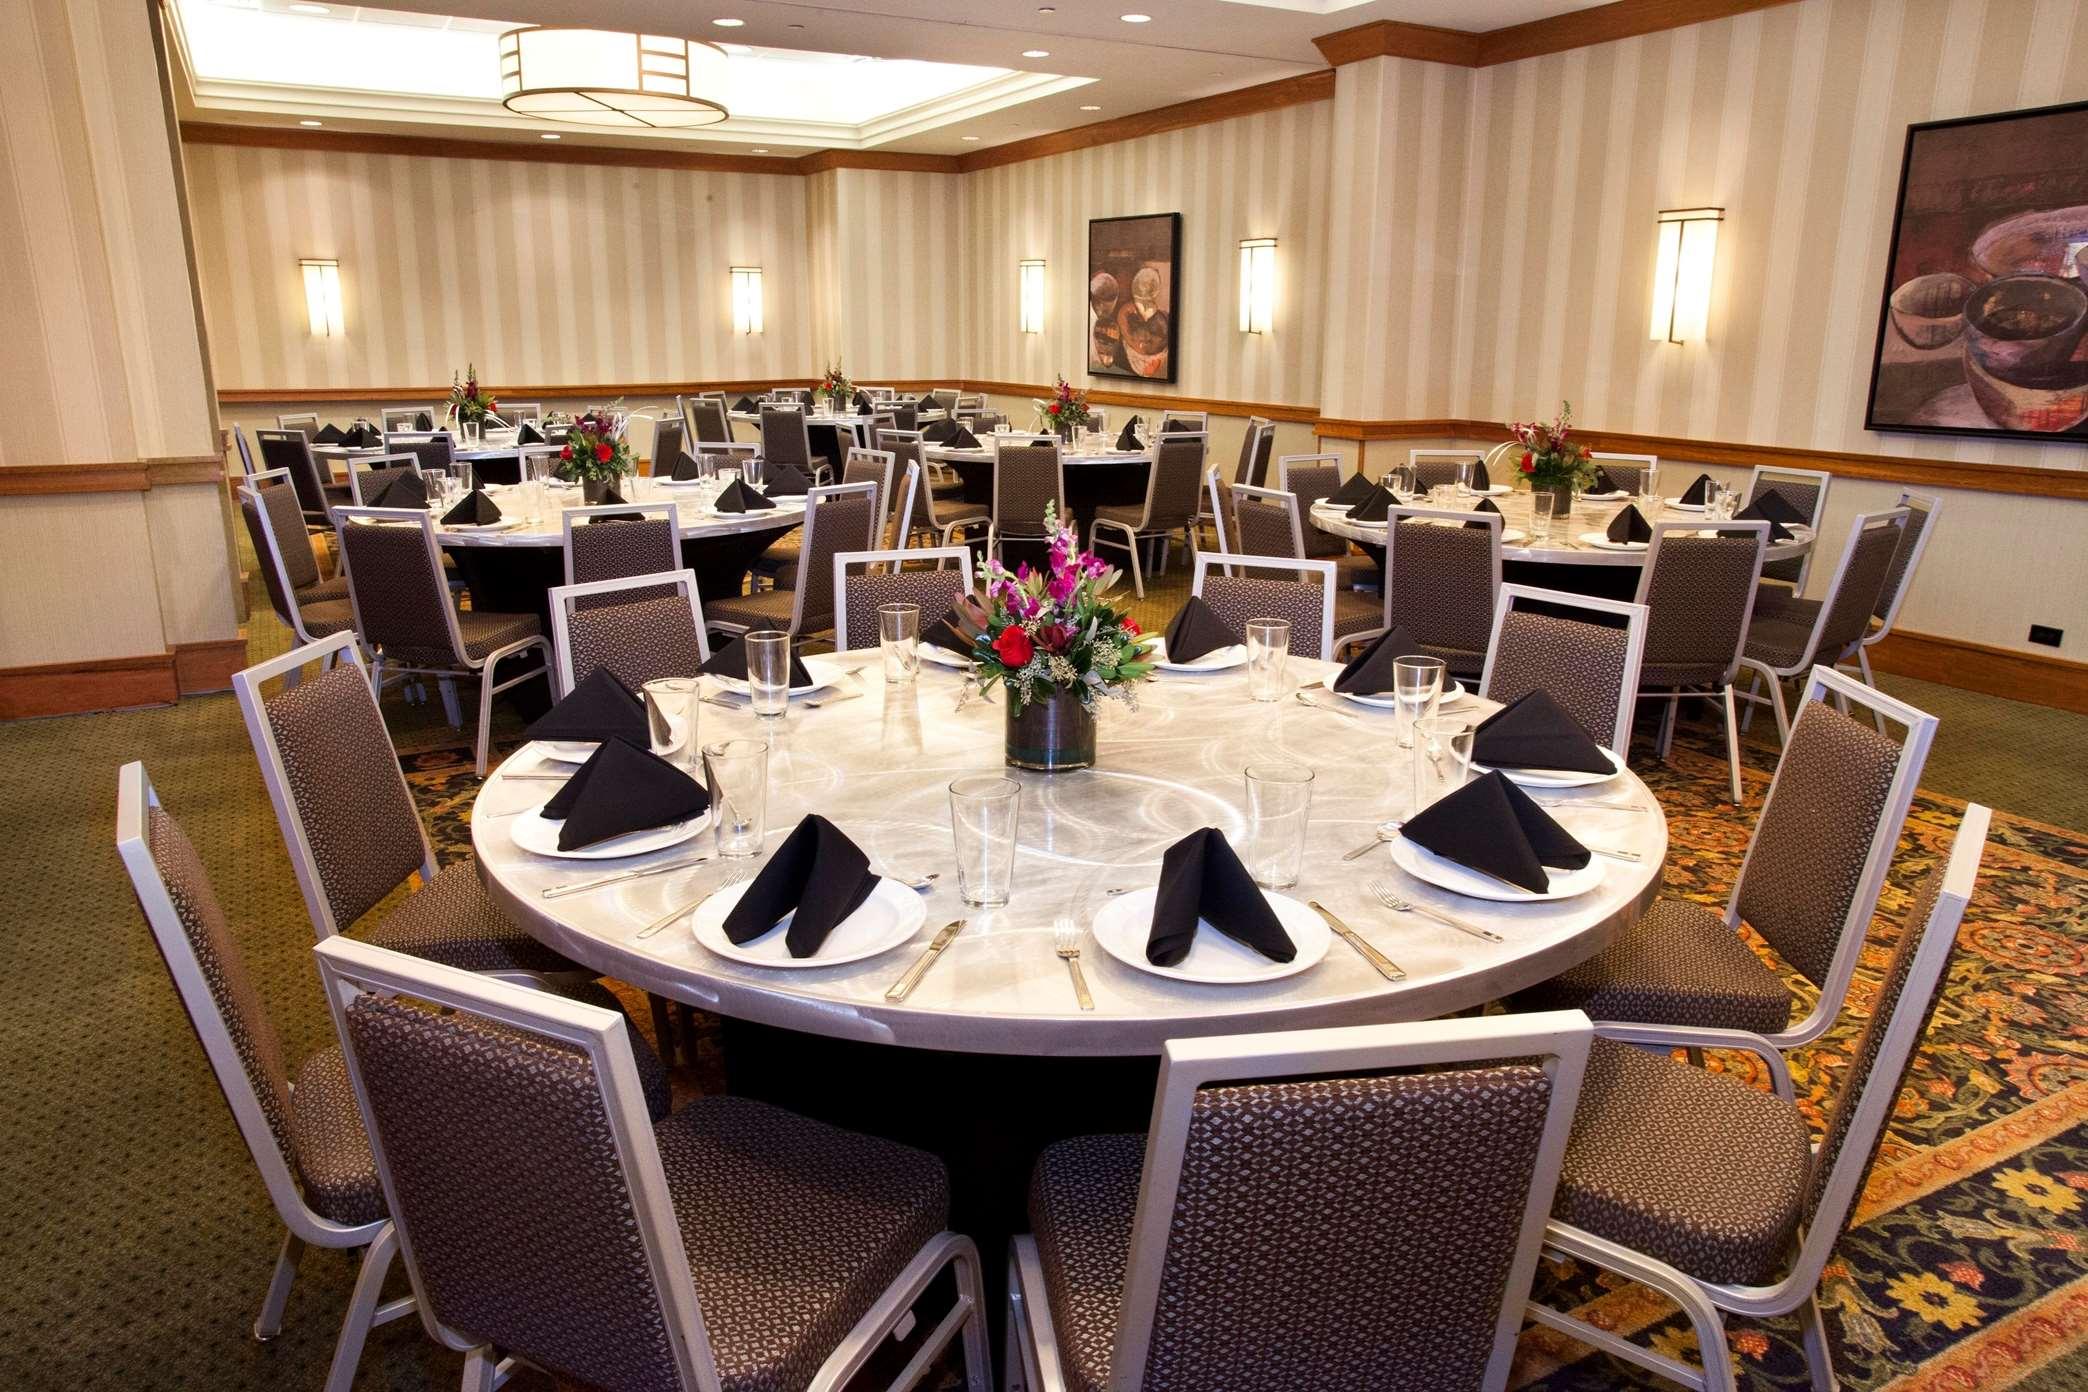 Hilton Chicago/Oak Brook Suites image 0